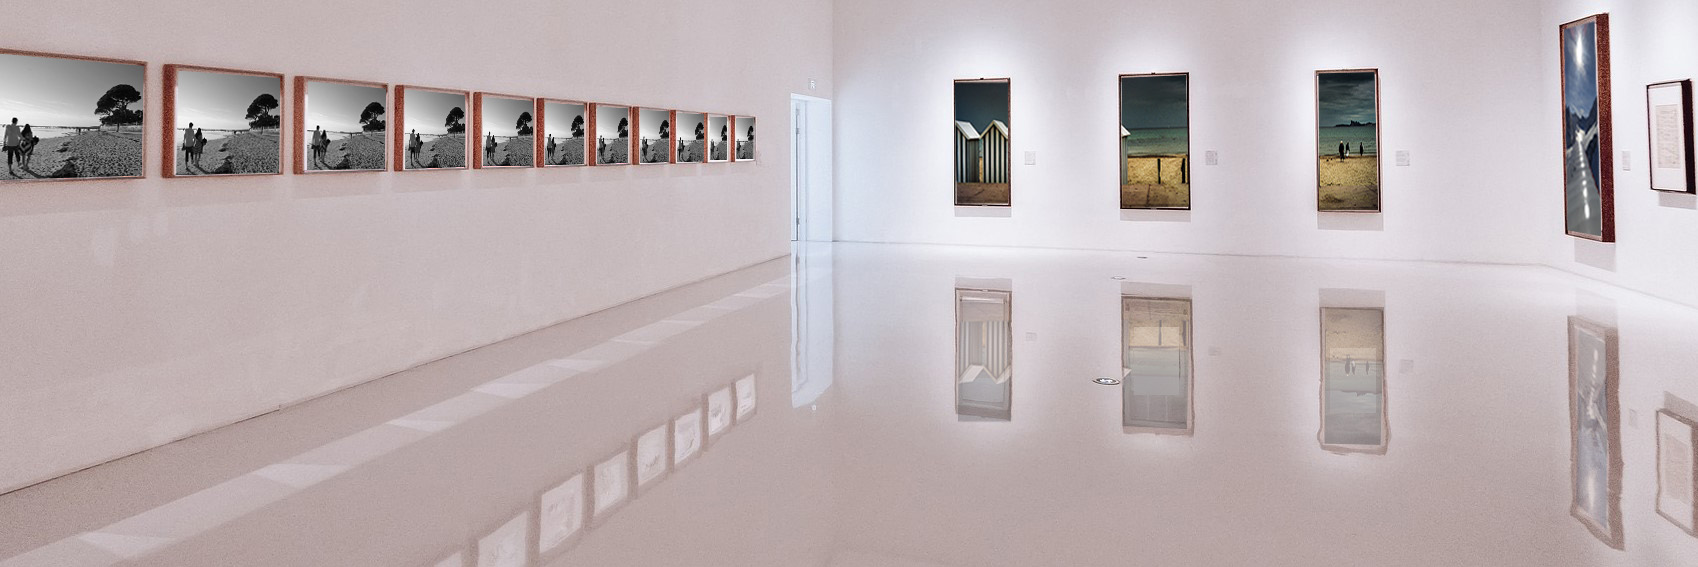 Tirage photo sur aluminium pour exposition professionnelle